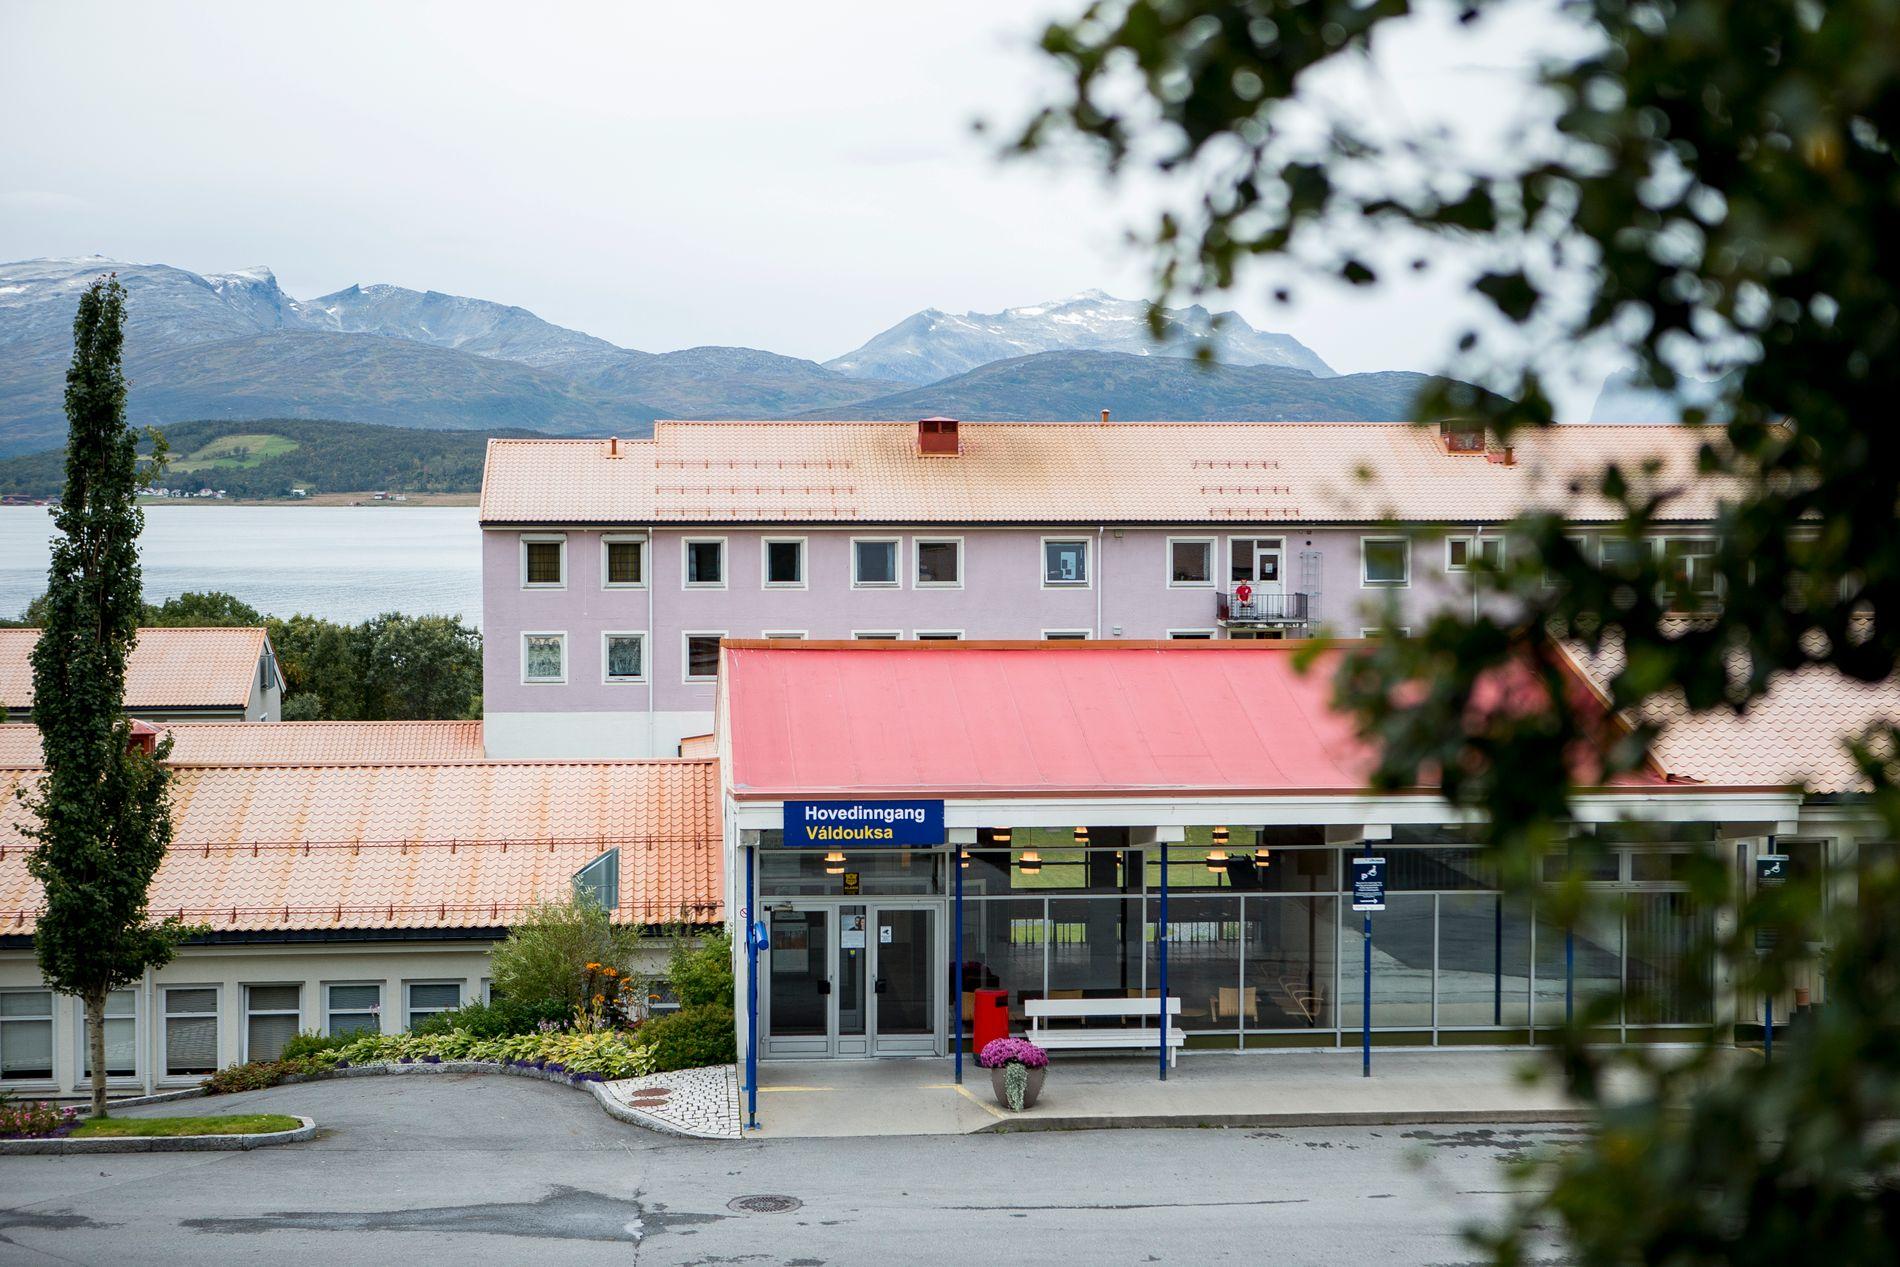 INNLAGT: Kvinnen i 20-årene har vært innlagt ved Åsgård psykiatriske sykehus i Tromsø flere ganger. I fem år klarte klarte sykehuset å unngå bruk av mekaniske tvangsmidler som belter og reimseng.